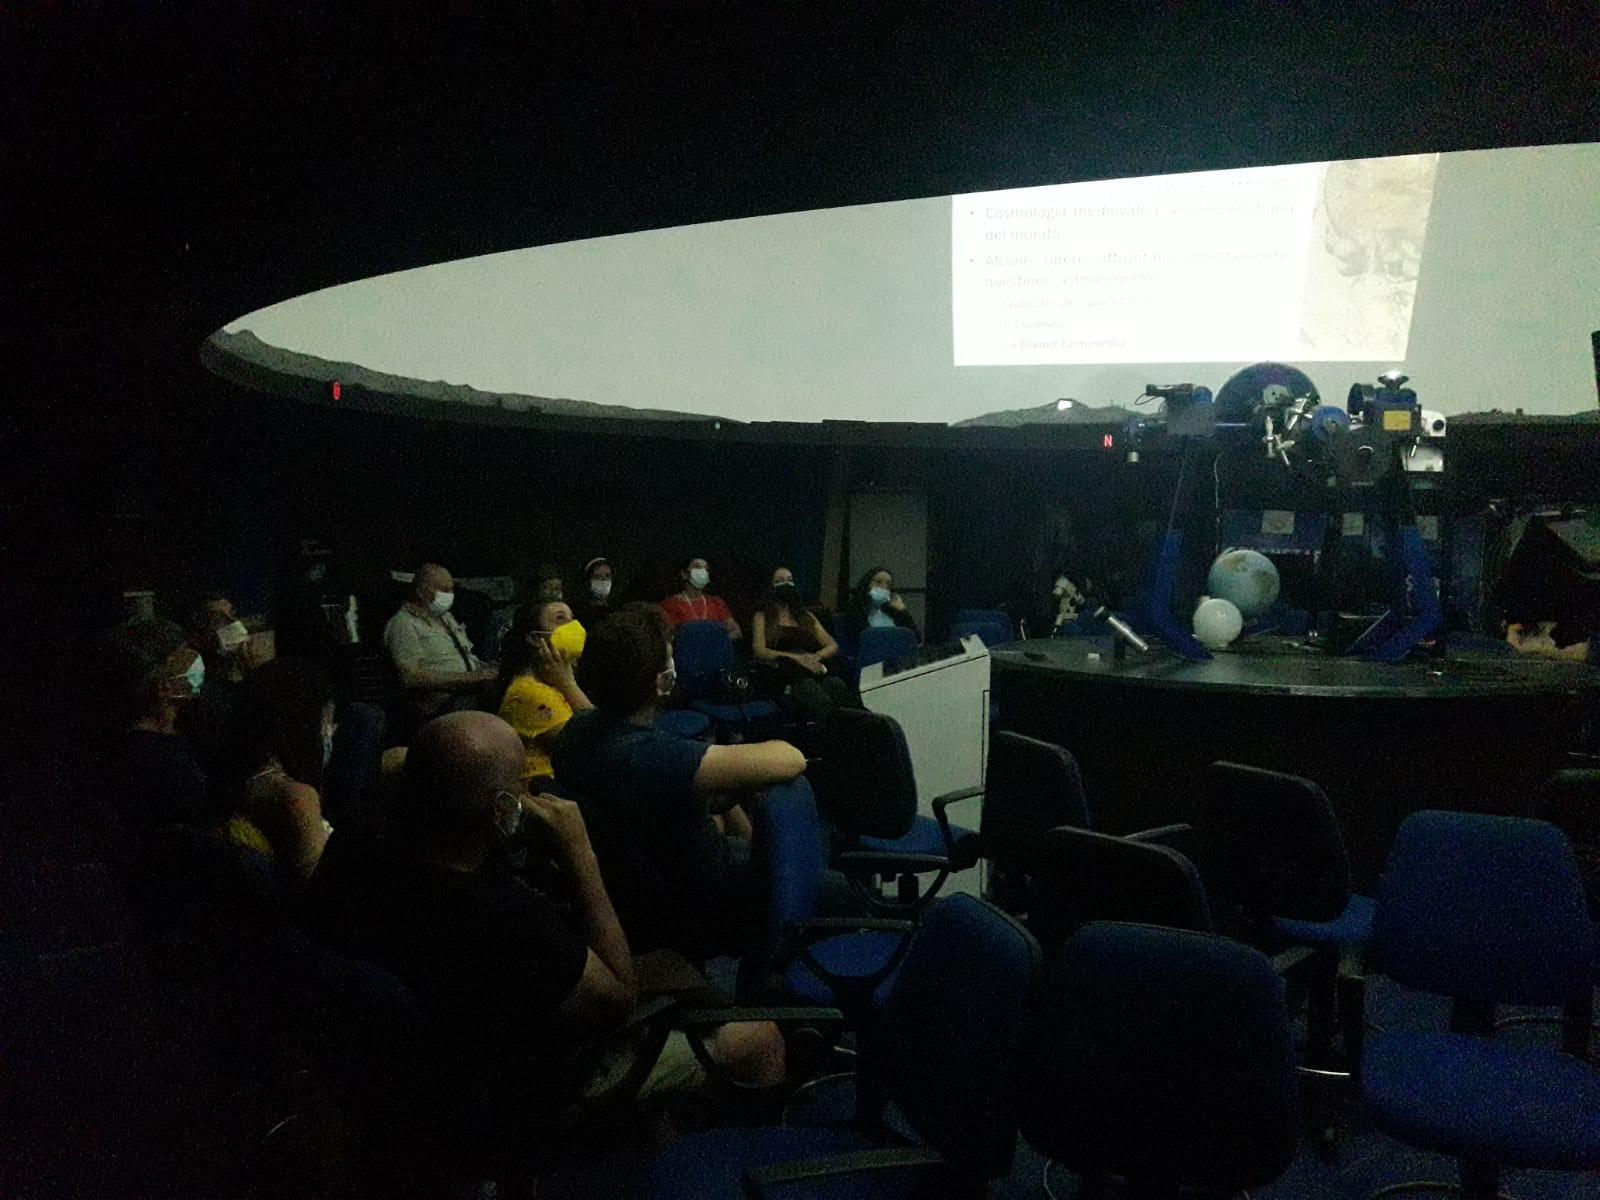 """Reggio, il Planetarium Pythagoras illumina """"Le stelle di Dante"""""""